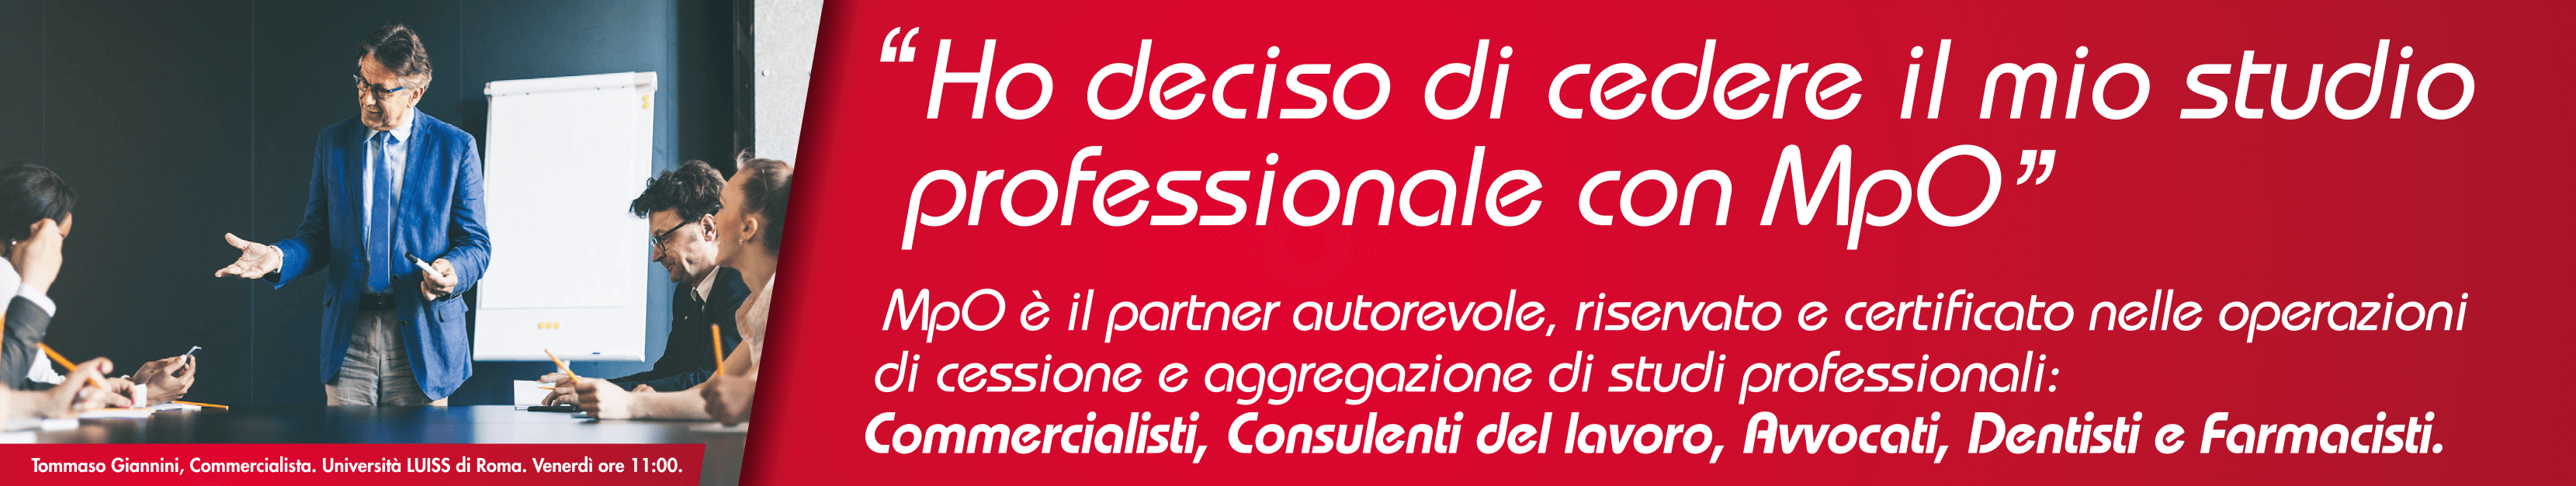 MPO banner 3